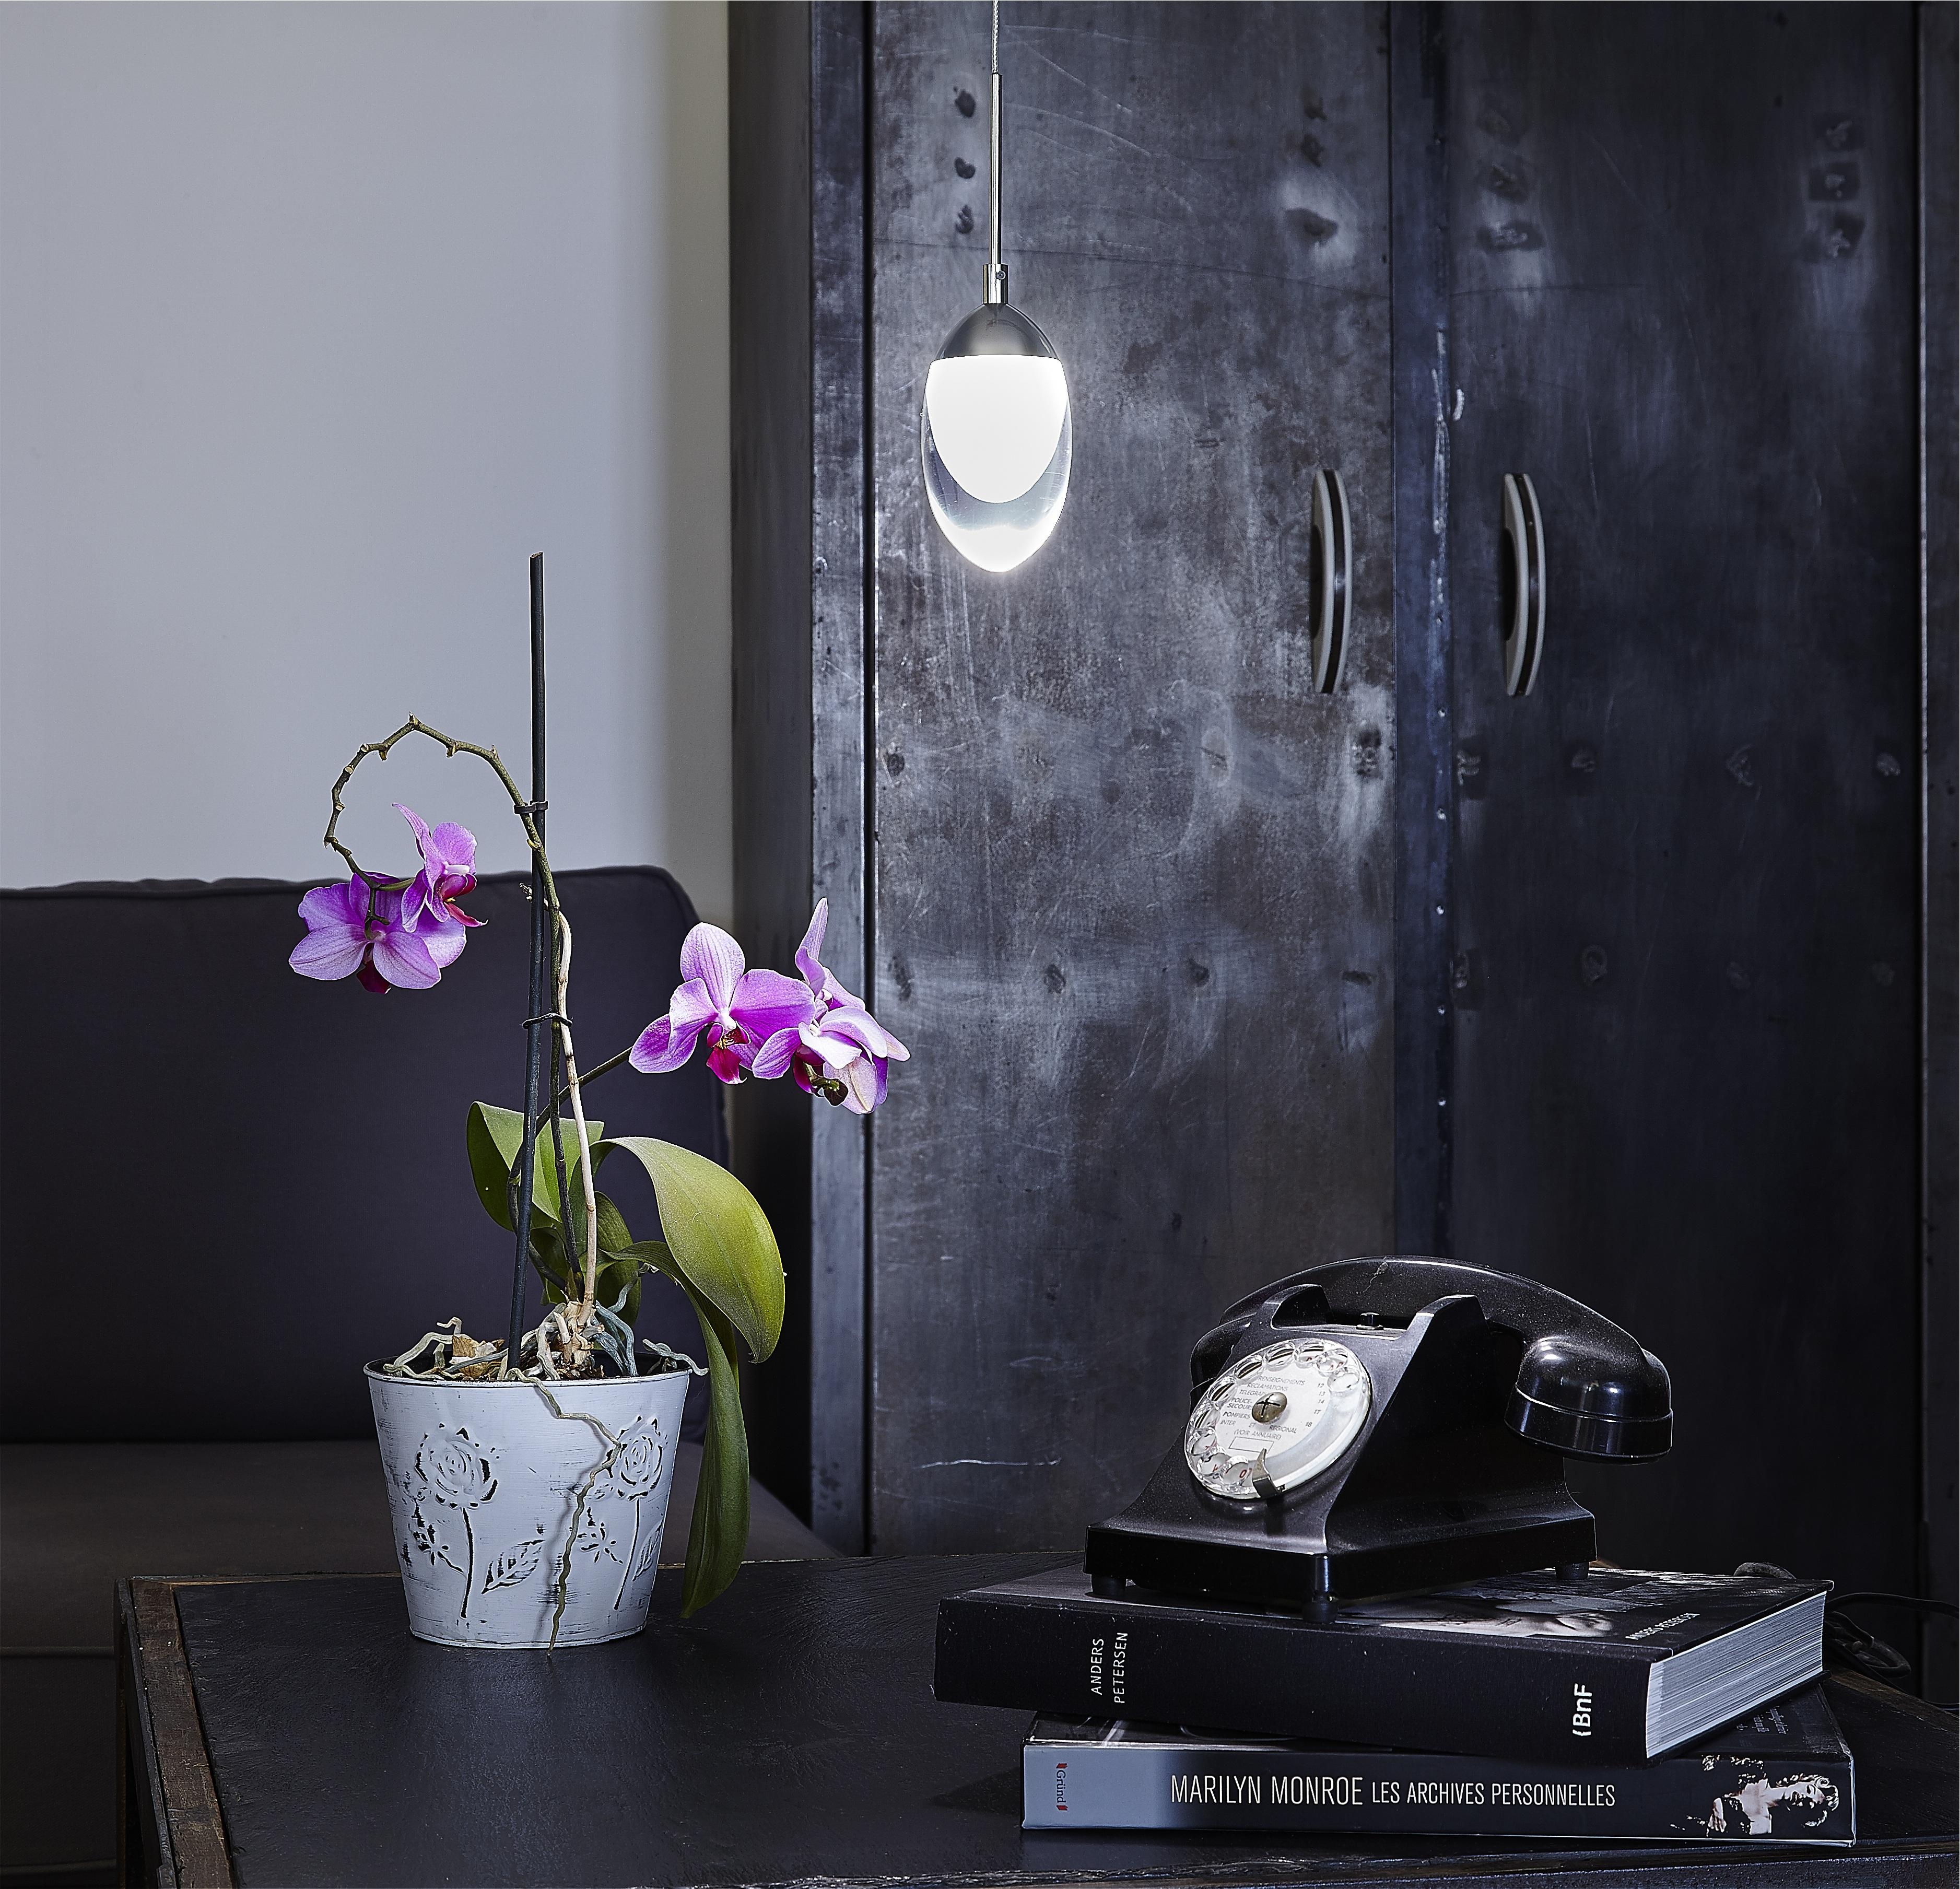 Gambar Meja Putih Bunga Pedalaman Telepon Rak Ruang Keluarga